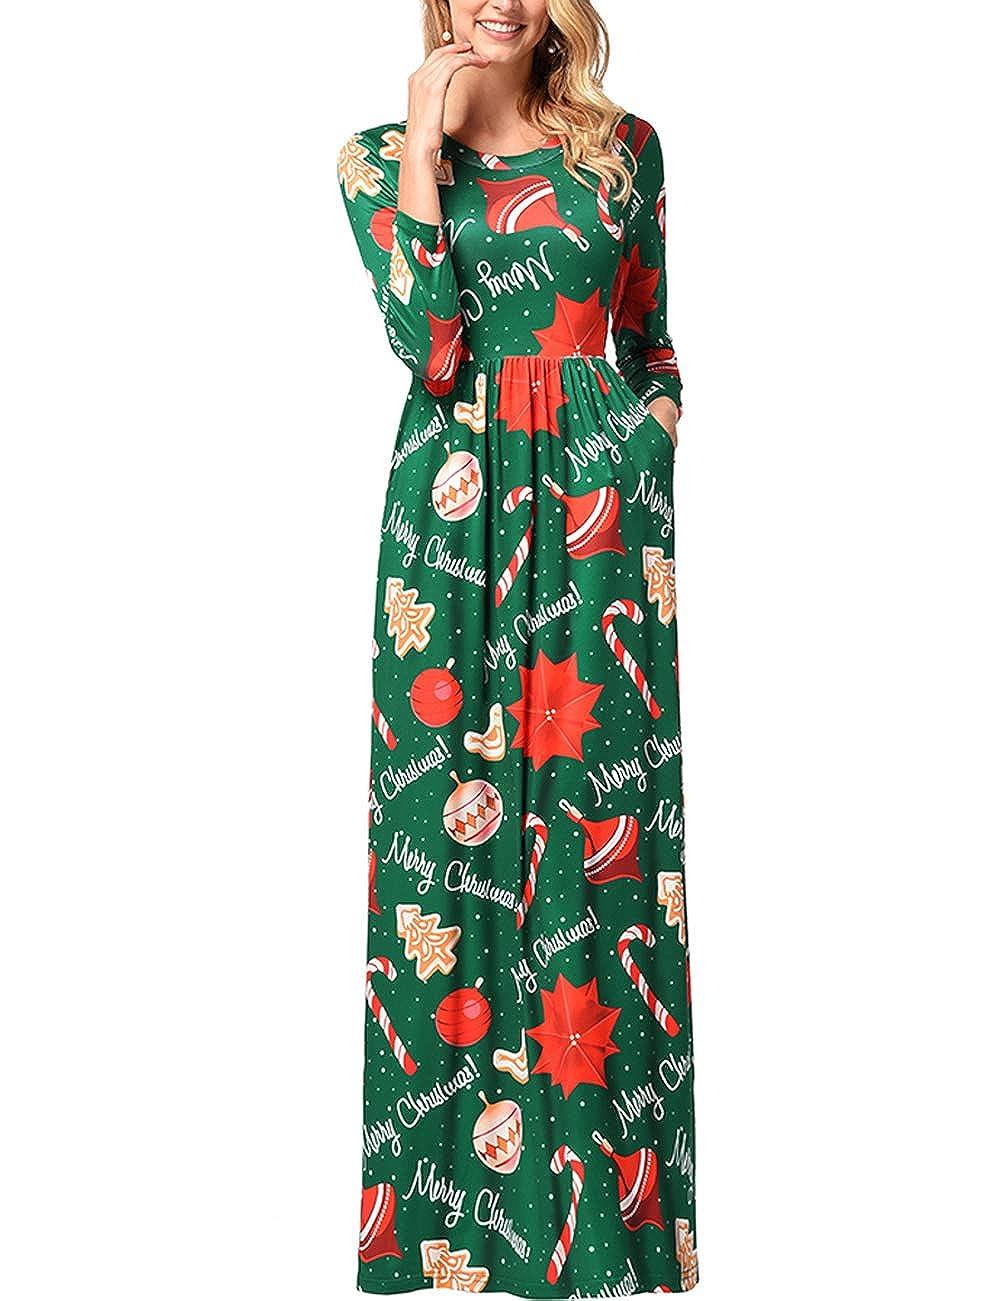 TALLA L=ES 44-46. FeelinGirl Mujeres Vestido Largo Estampado Floral de Fiesta Navidad Falda Maxi de Manga Larga Nochebuena Verde-54 L=ES 44-46